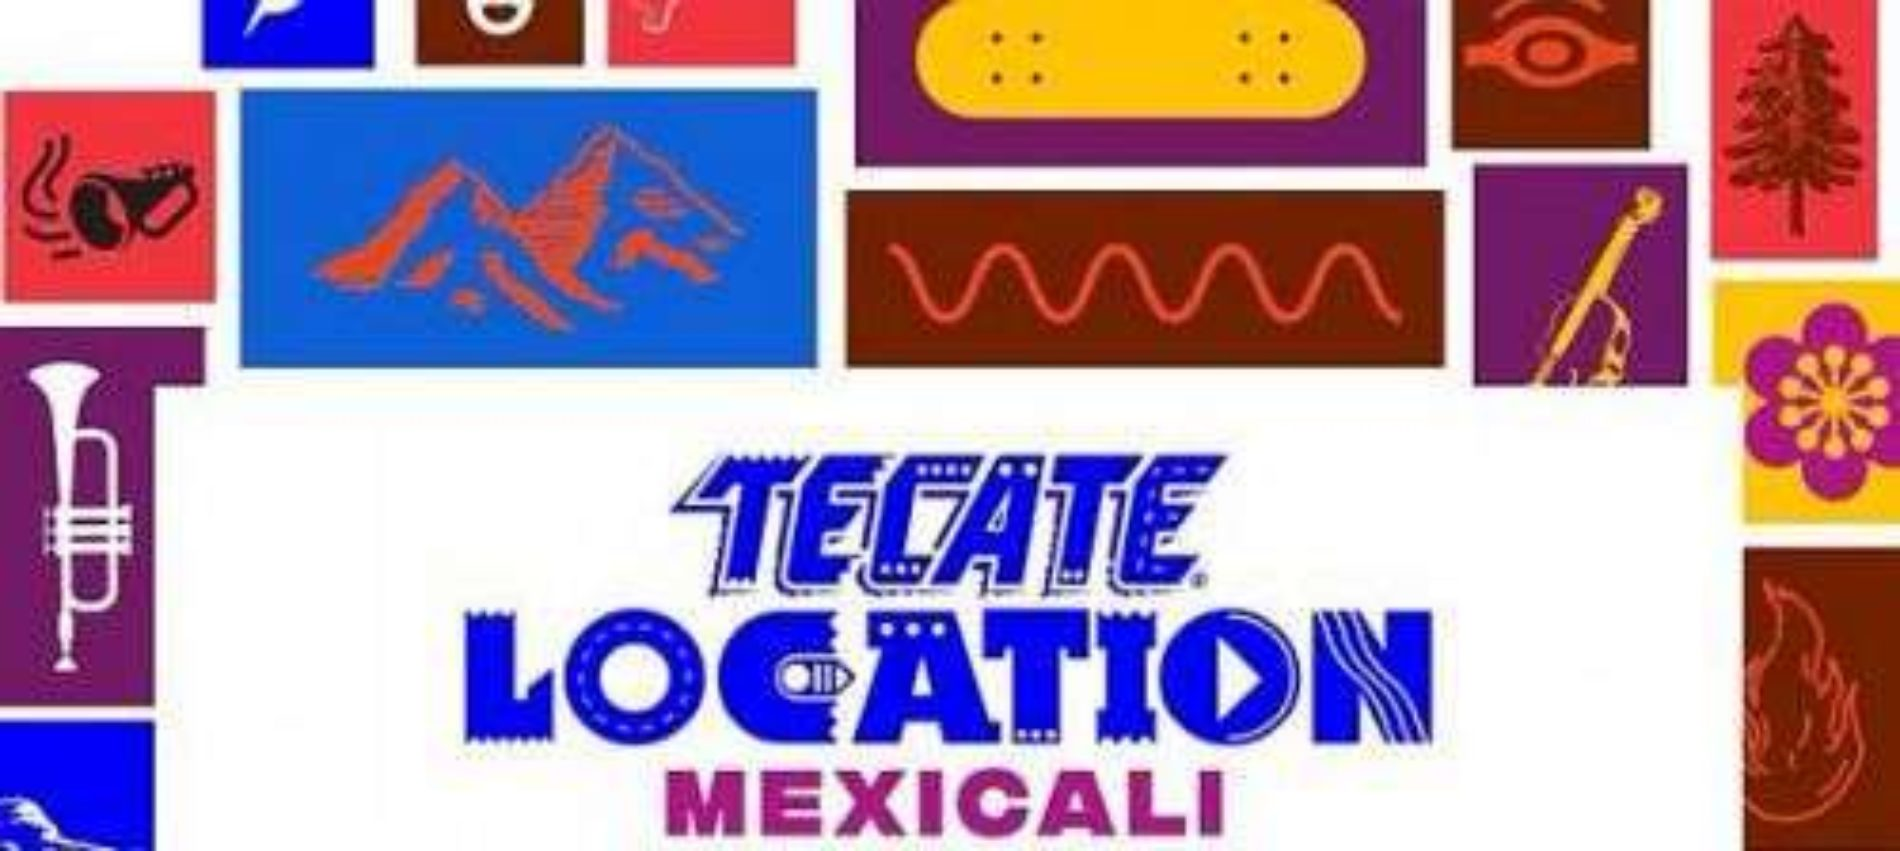 Tecate Location con Zoé en Mexicali 2018